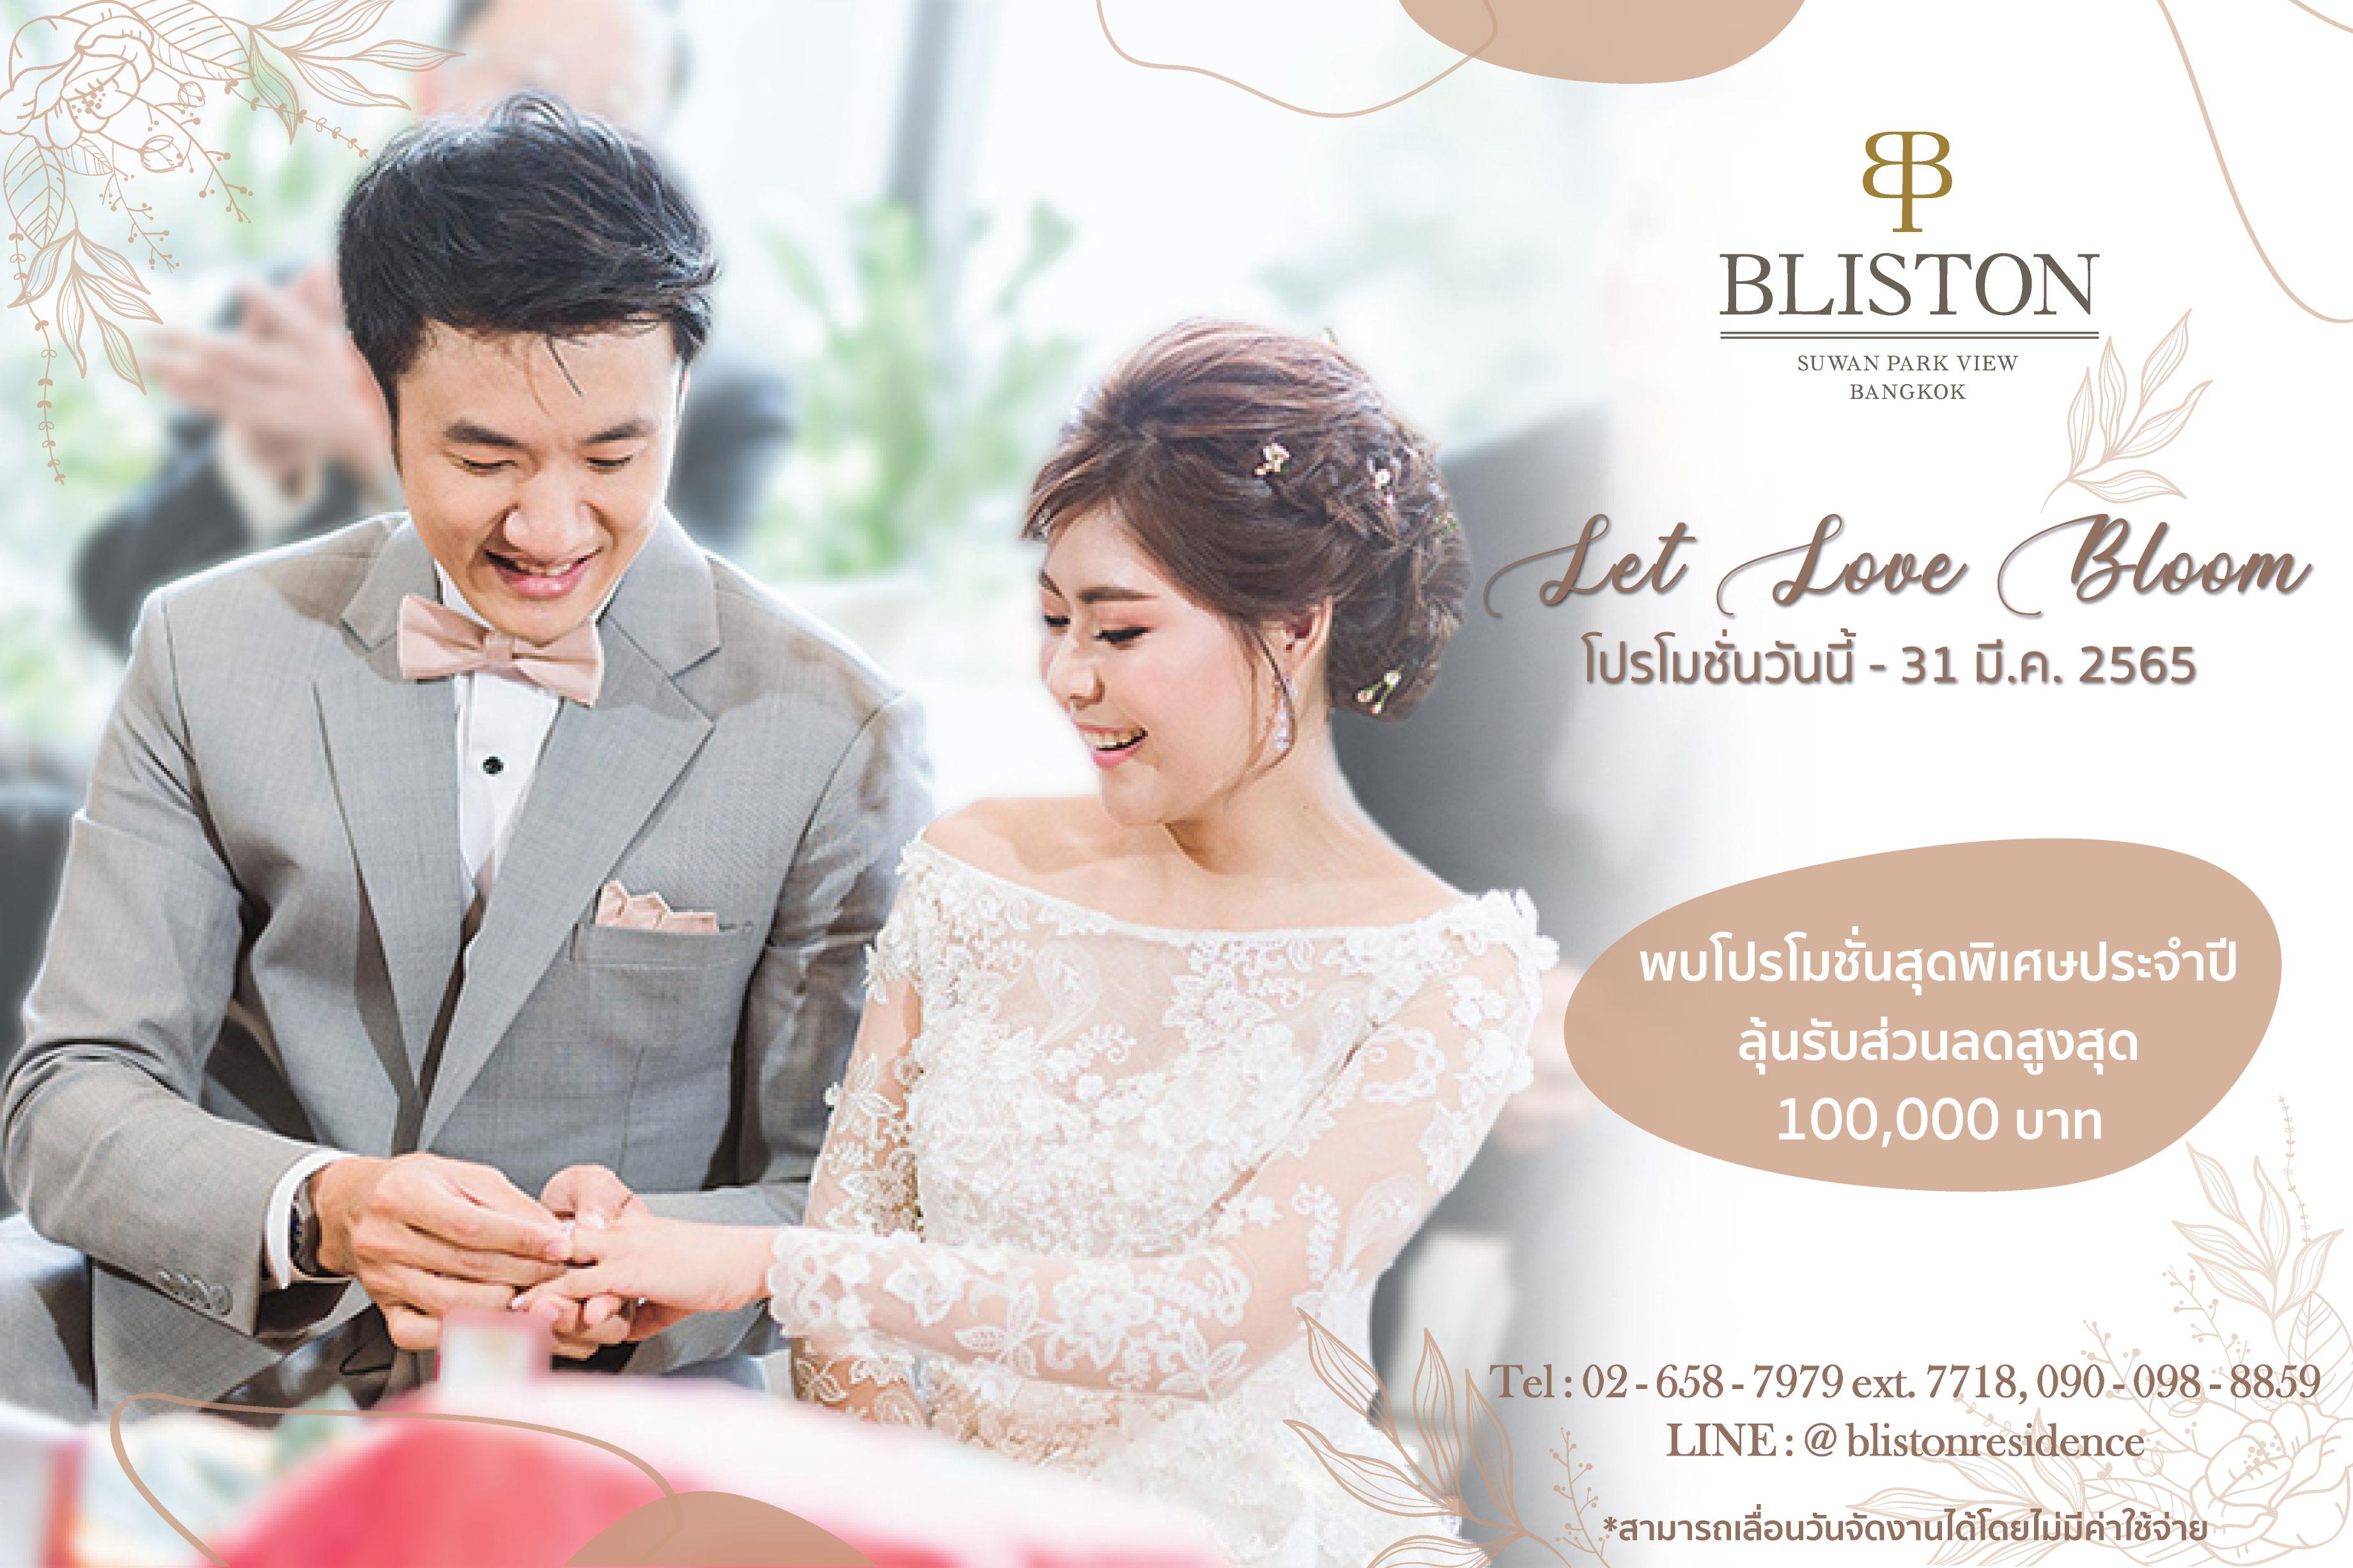 LET LOVE BLOOM WEDDING PROMOTION